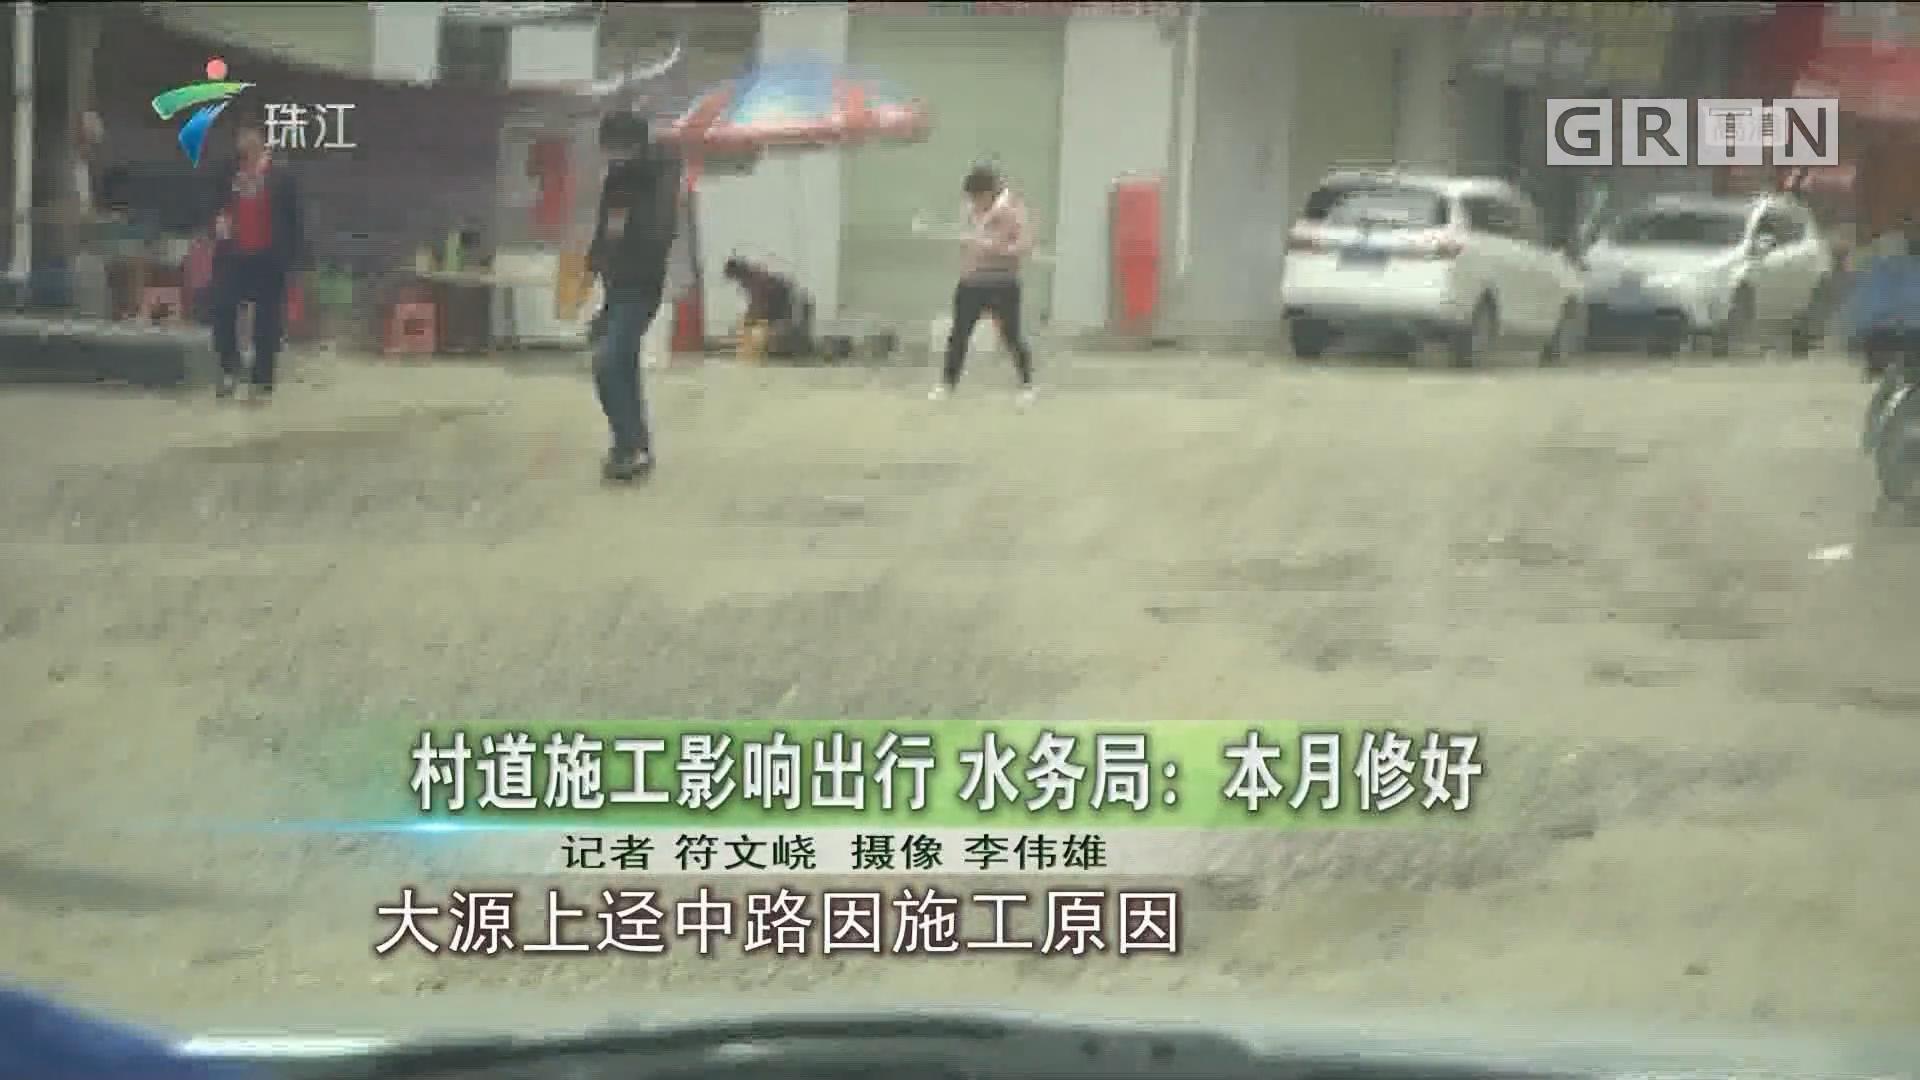 村道施工影响出行 水务局:本月修好